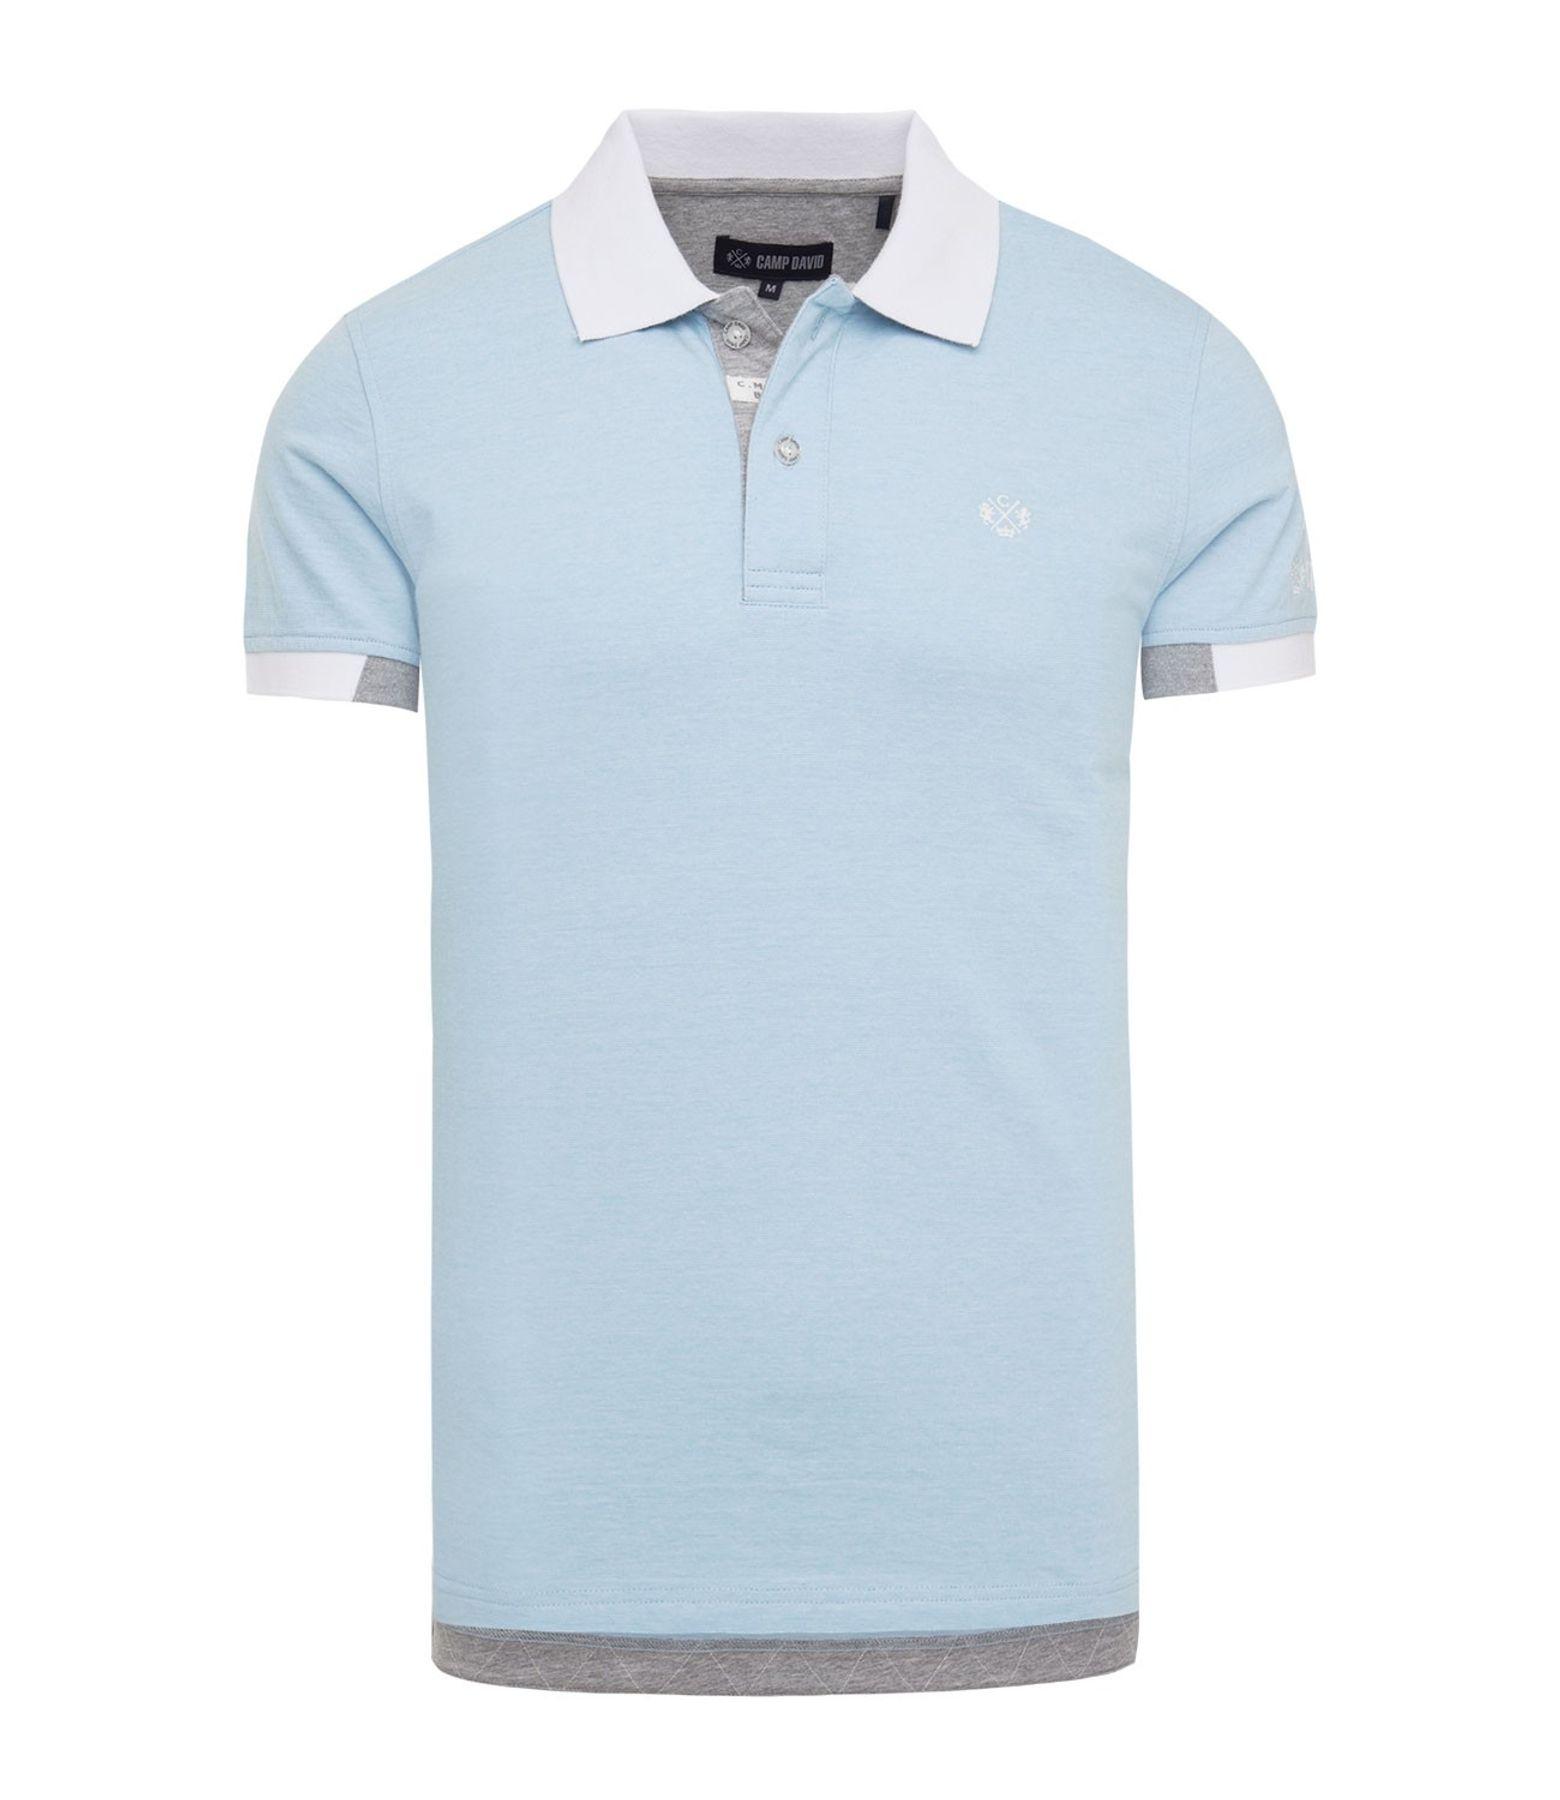 Camp David - Herren Polo-shirt in verschiedenen Farben, (CHS-1804-3027)  – Bild 10